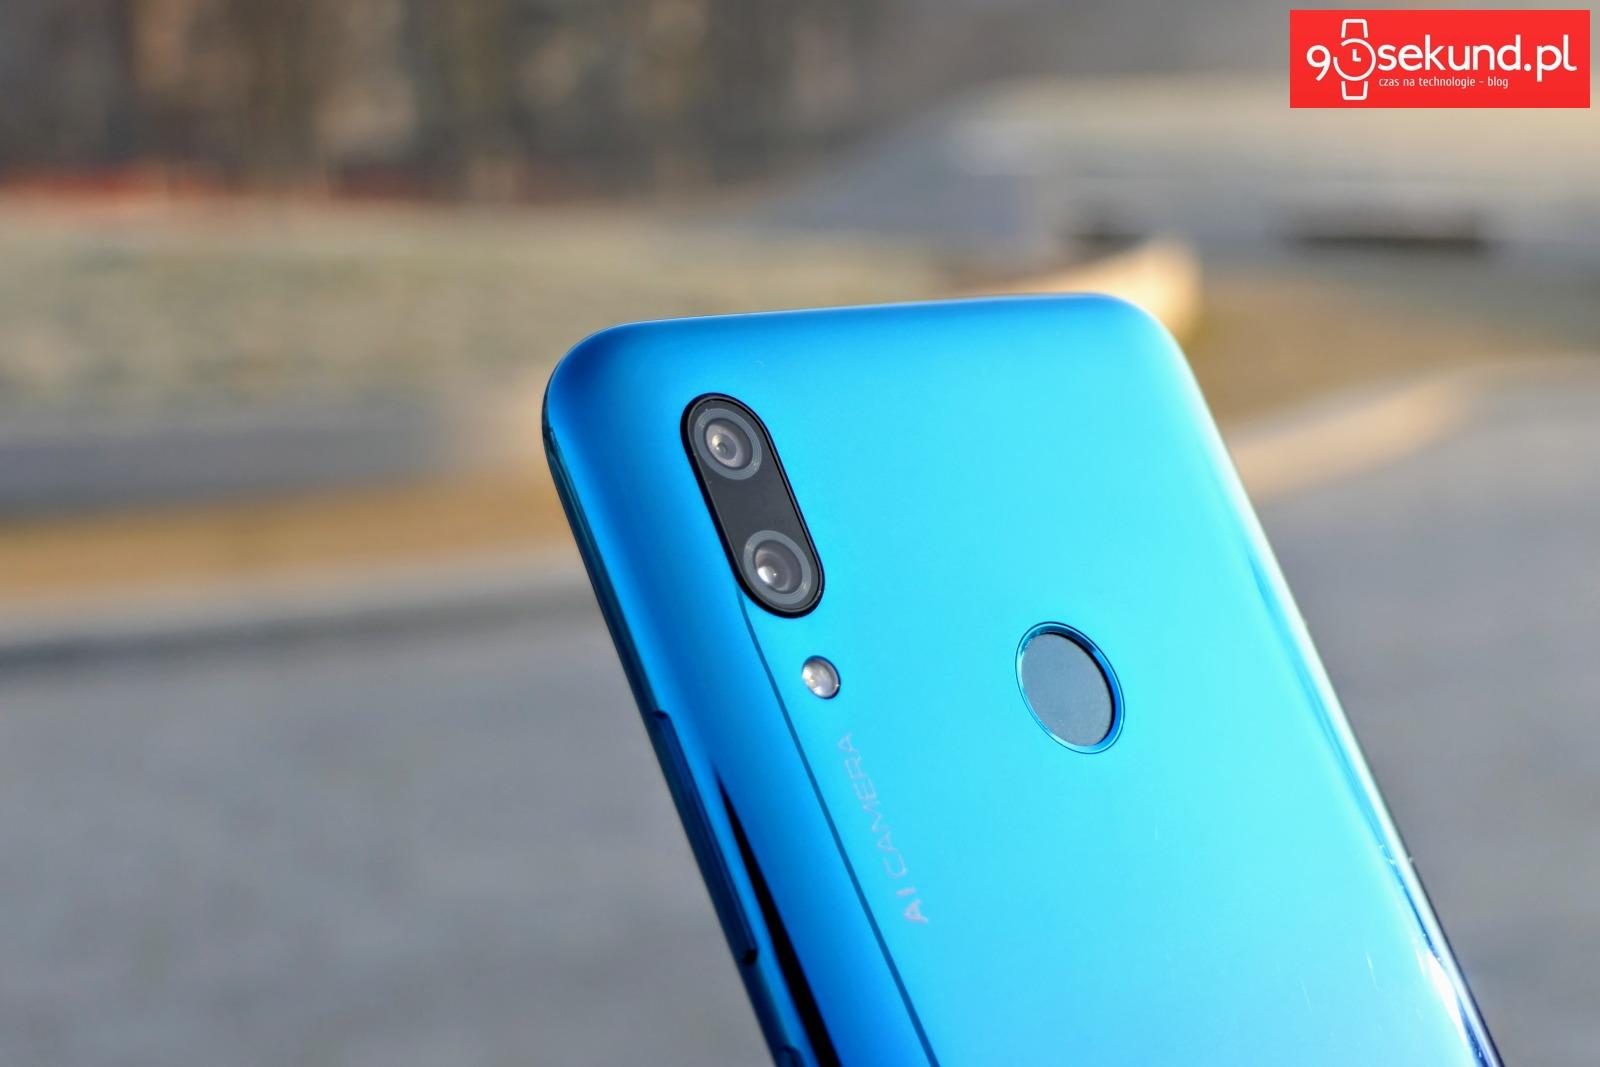 Recenzja Huawei P smart 2019 - Michał Brożyński 90sekund.pl